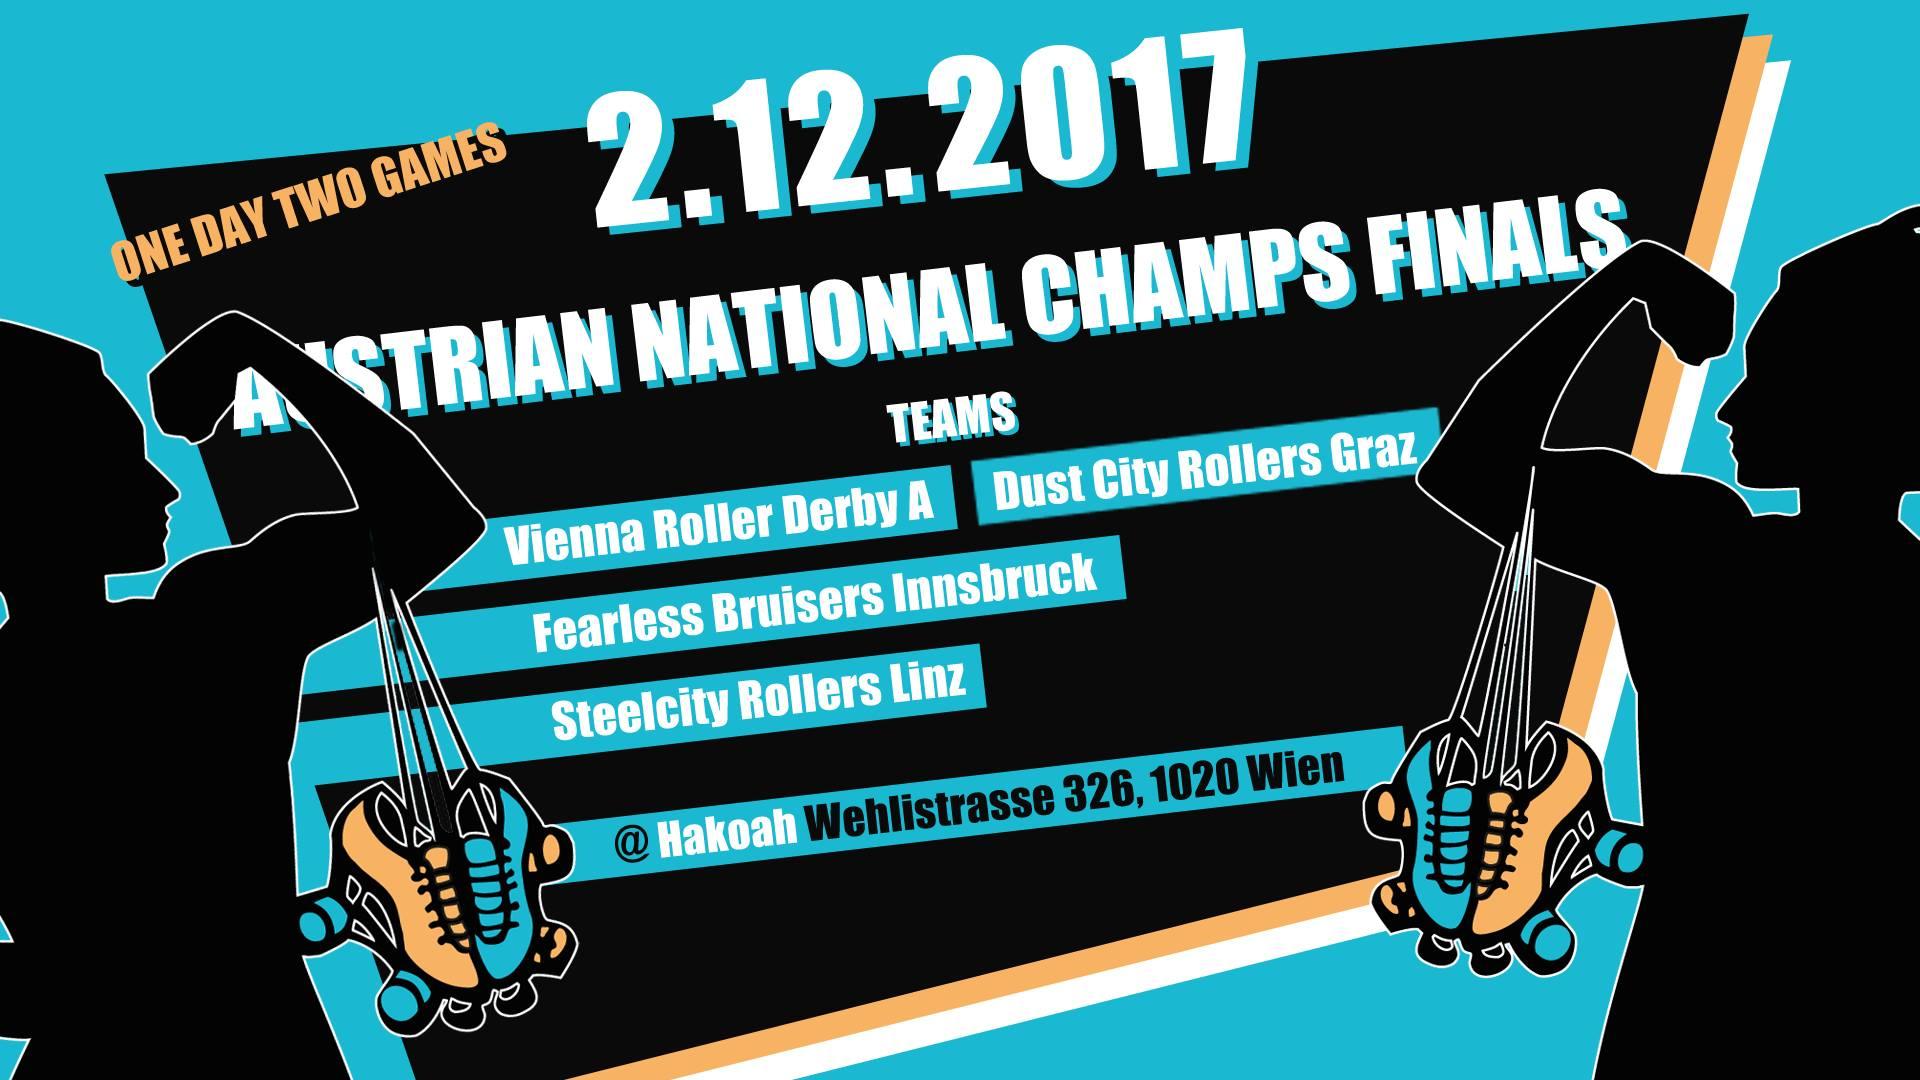 Austrian National Champs Finals